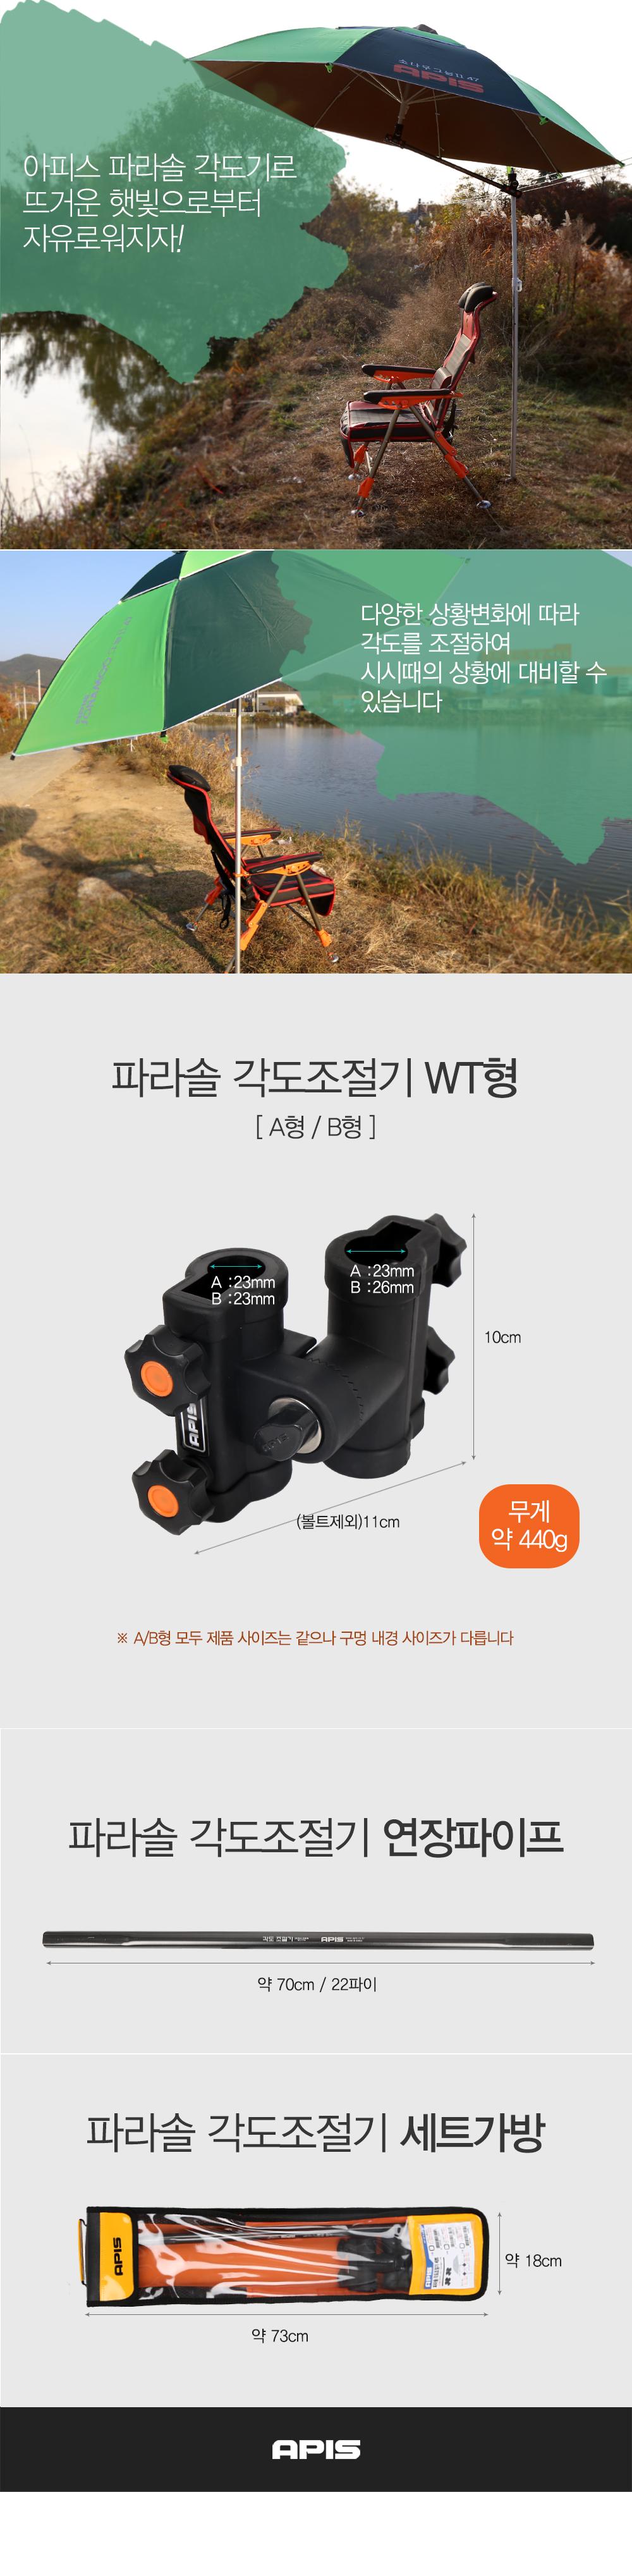 아피스 파라솔 각도조조절기 세트 WT형 파라솔각도기 파라솔각도조절봉 파라솔프로텍터